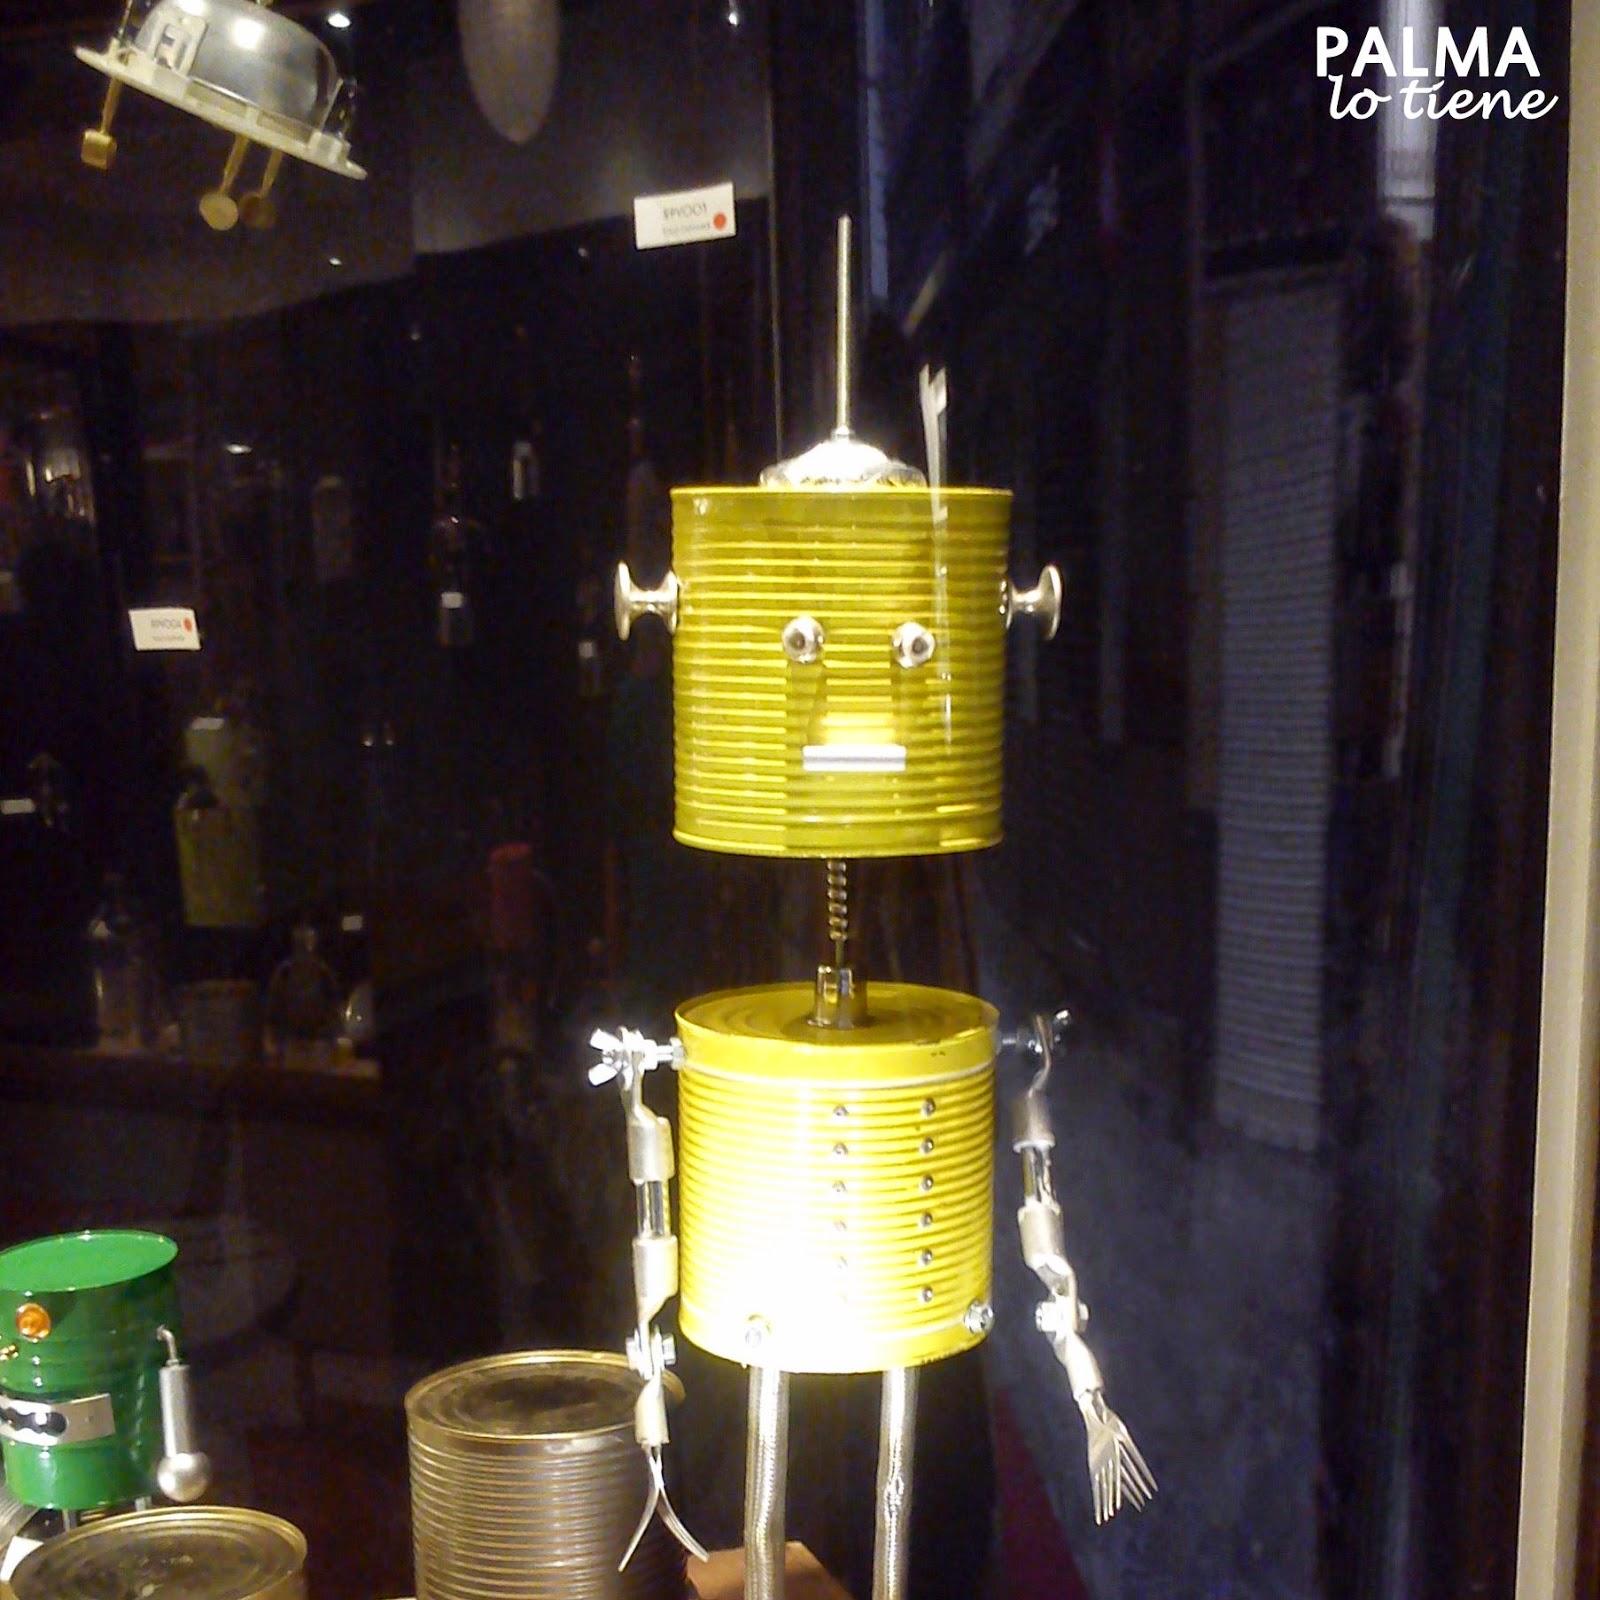 http://palmalotiene.blogspot.com.es/2014/09/retrobotics.html